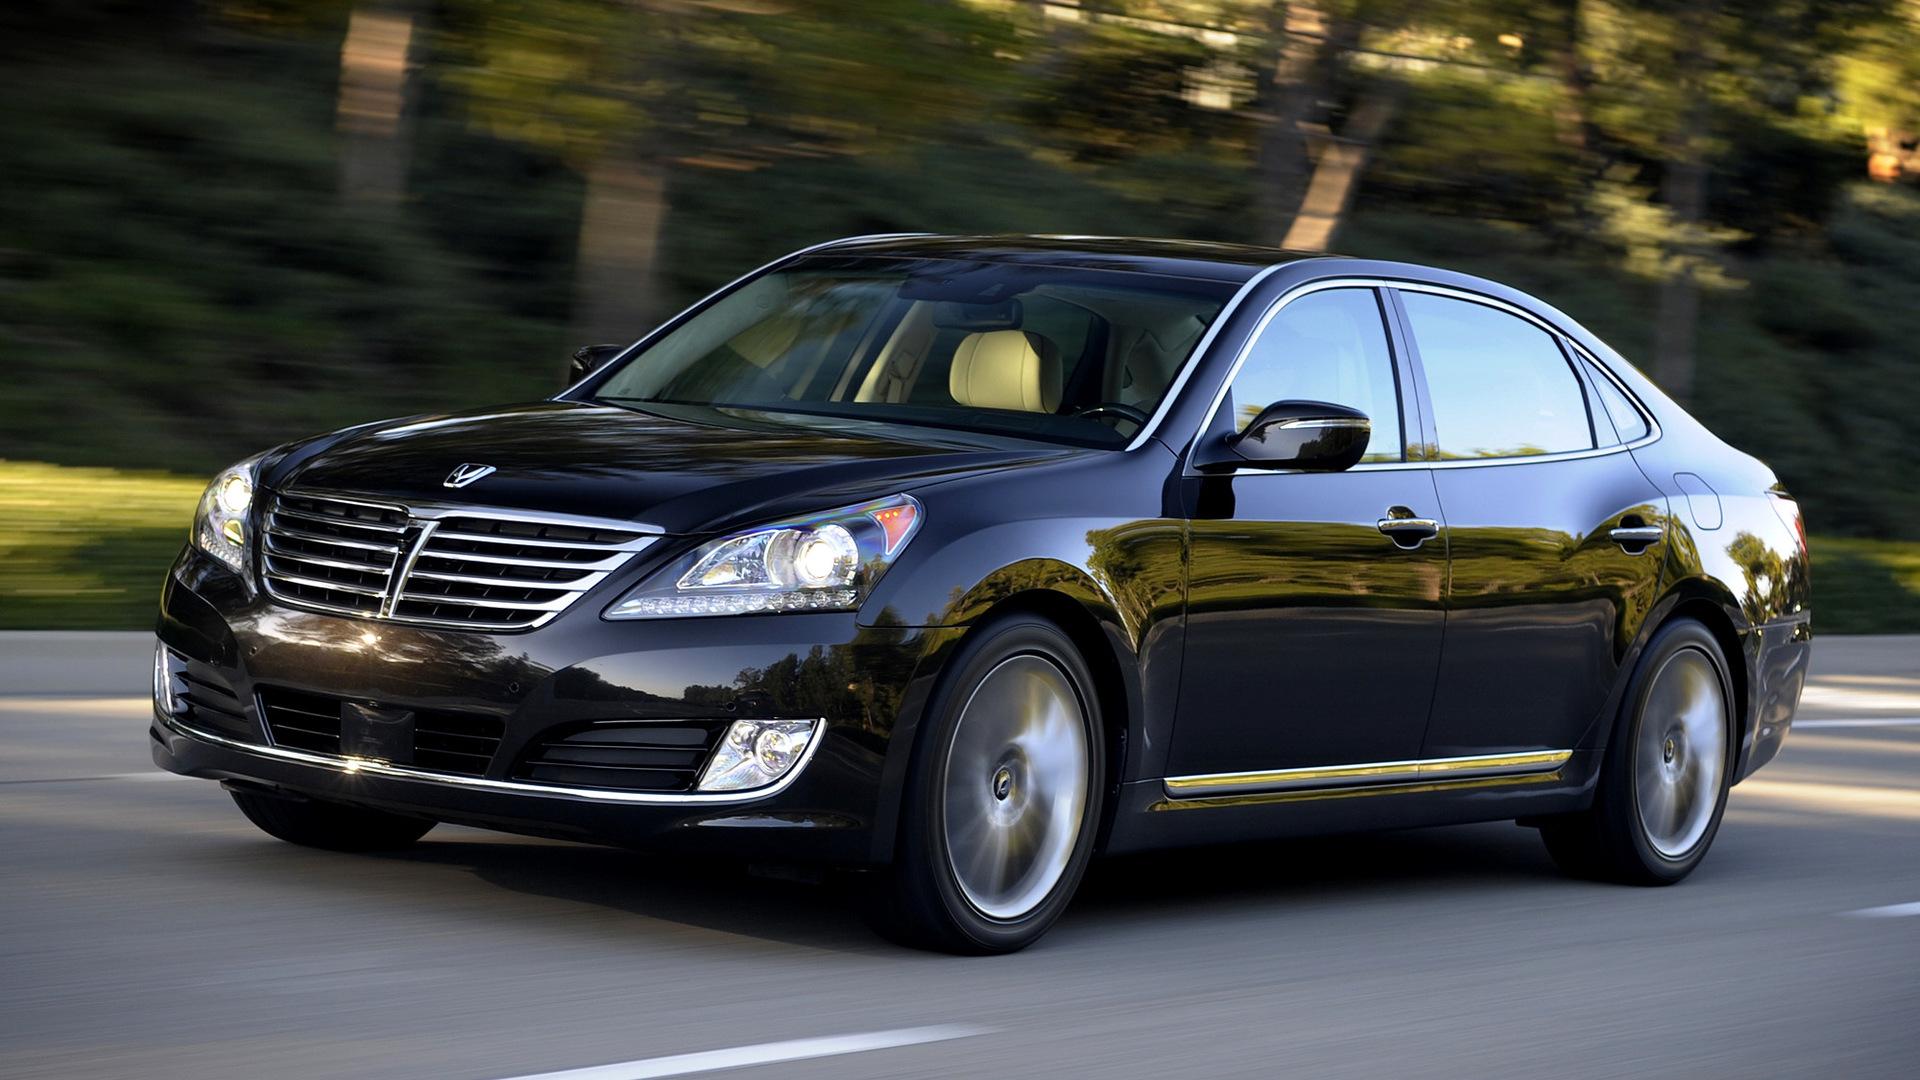 2013 Hyundai Equus Buy A 2013 Hyundai Equus Autobytel Com Pictures to ...